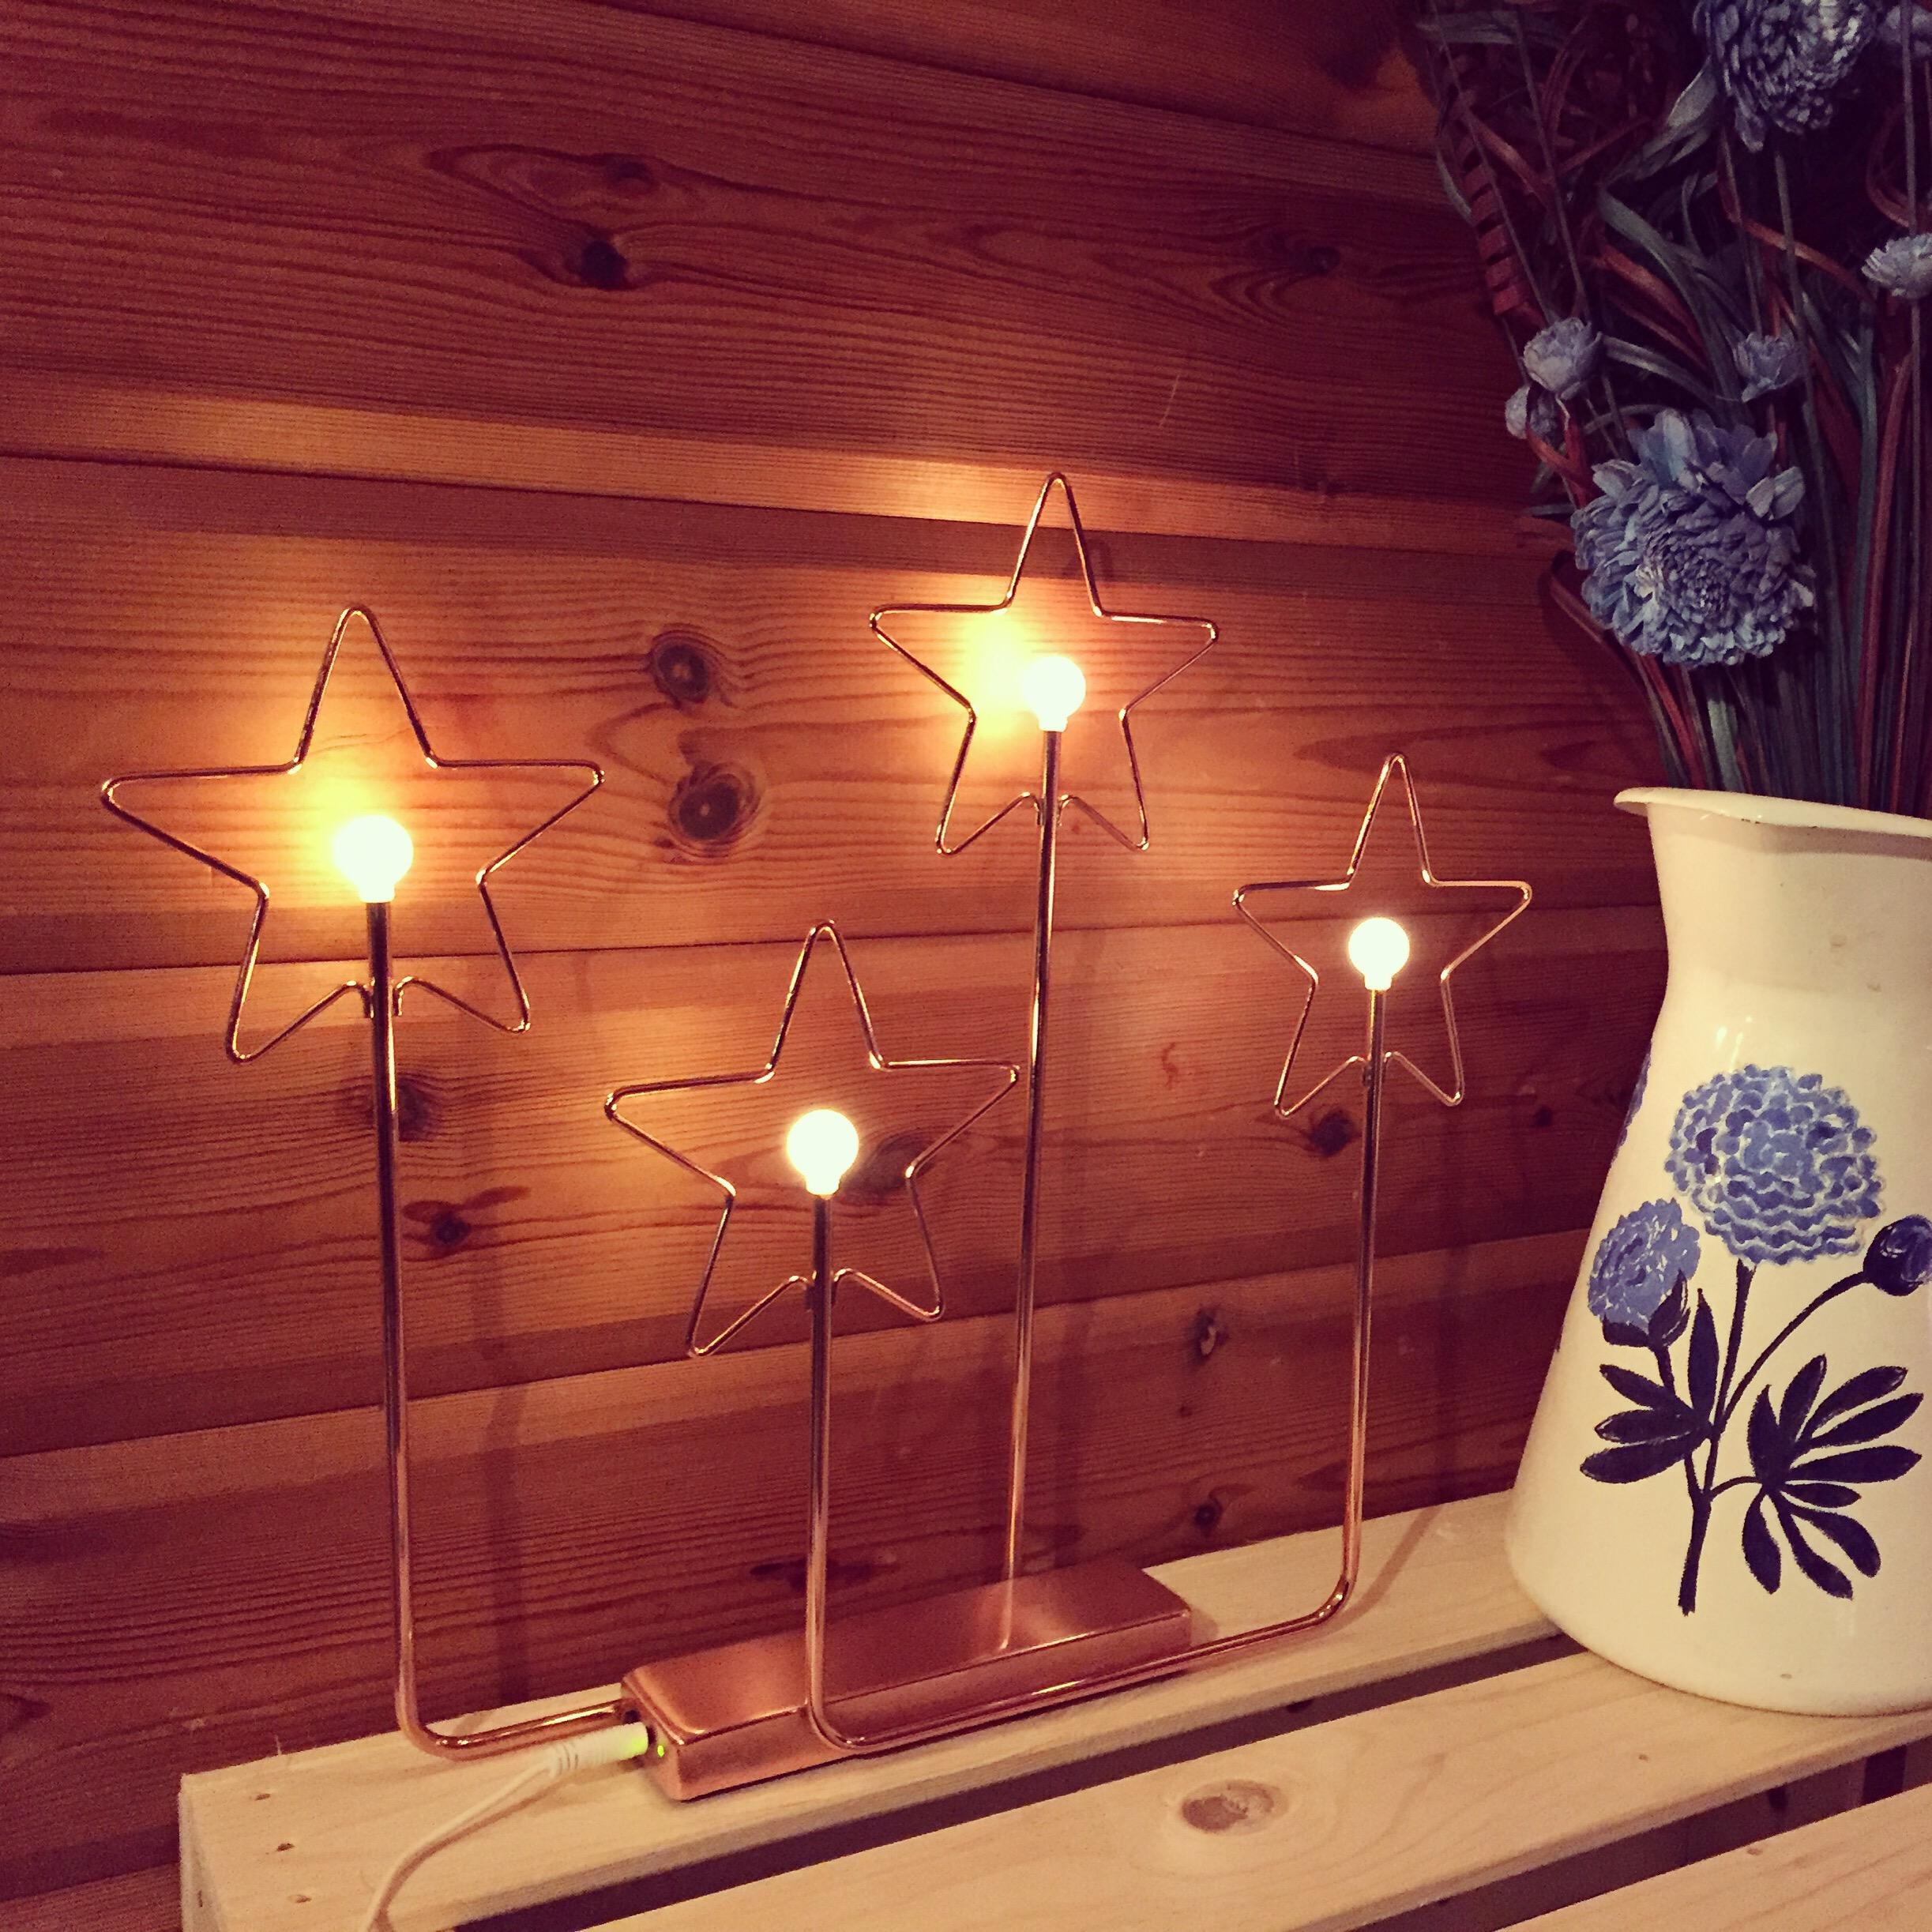 Voor mezelf kocht ik deze leuke lampjes. Ben er helemaal verliefd op!